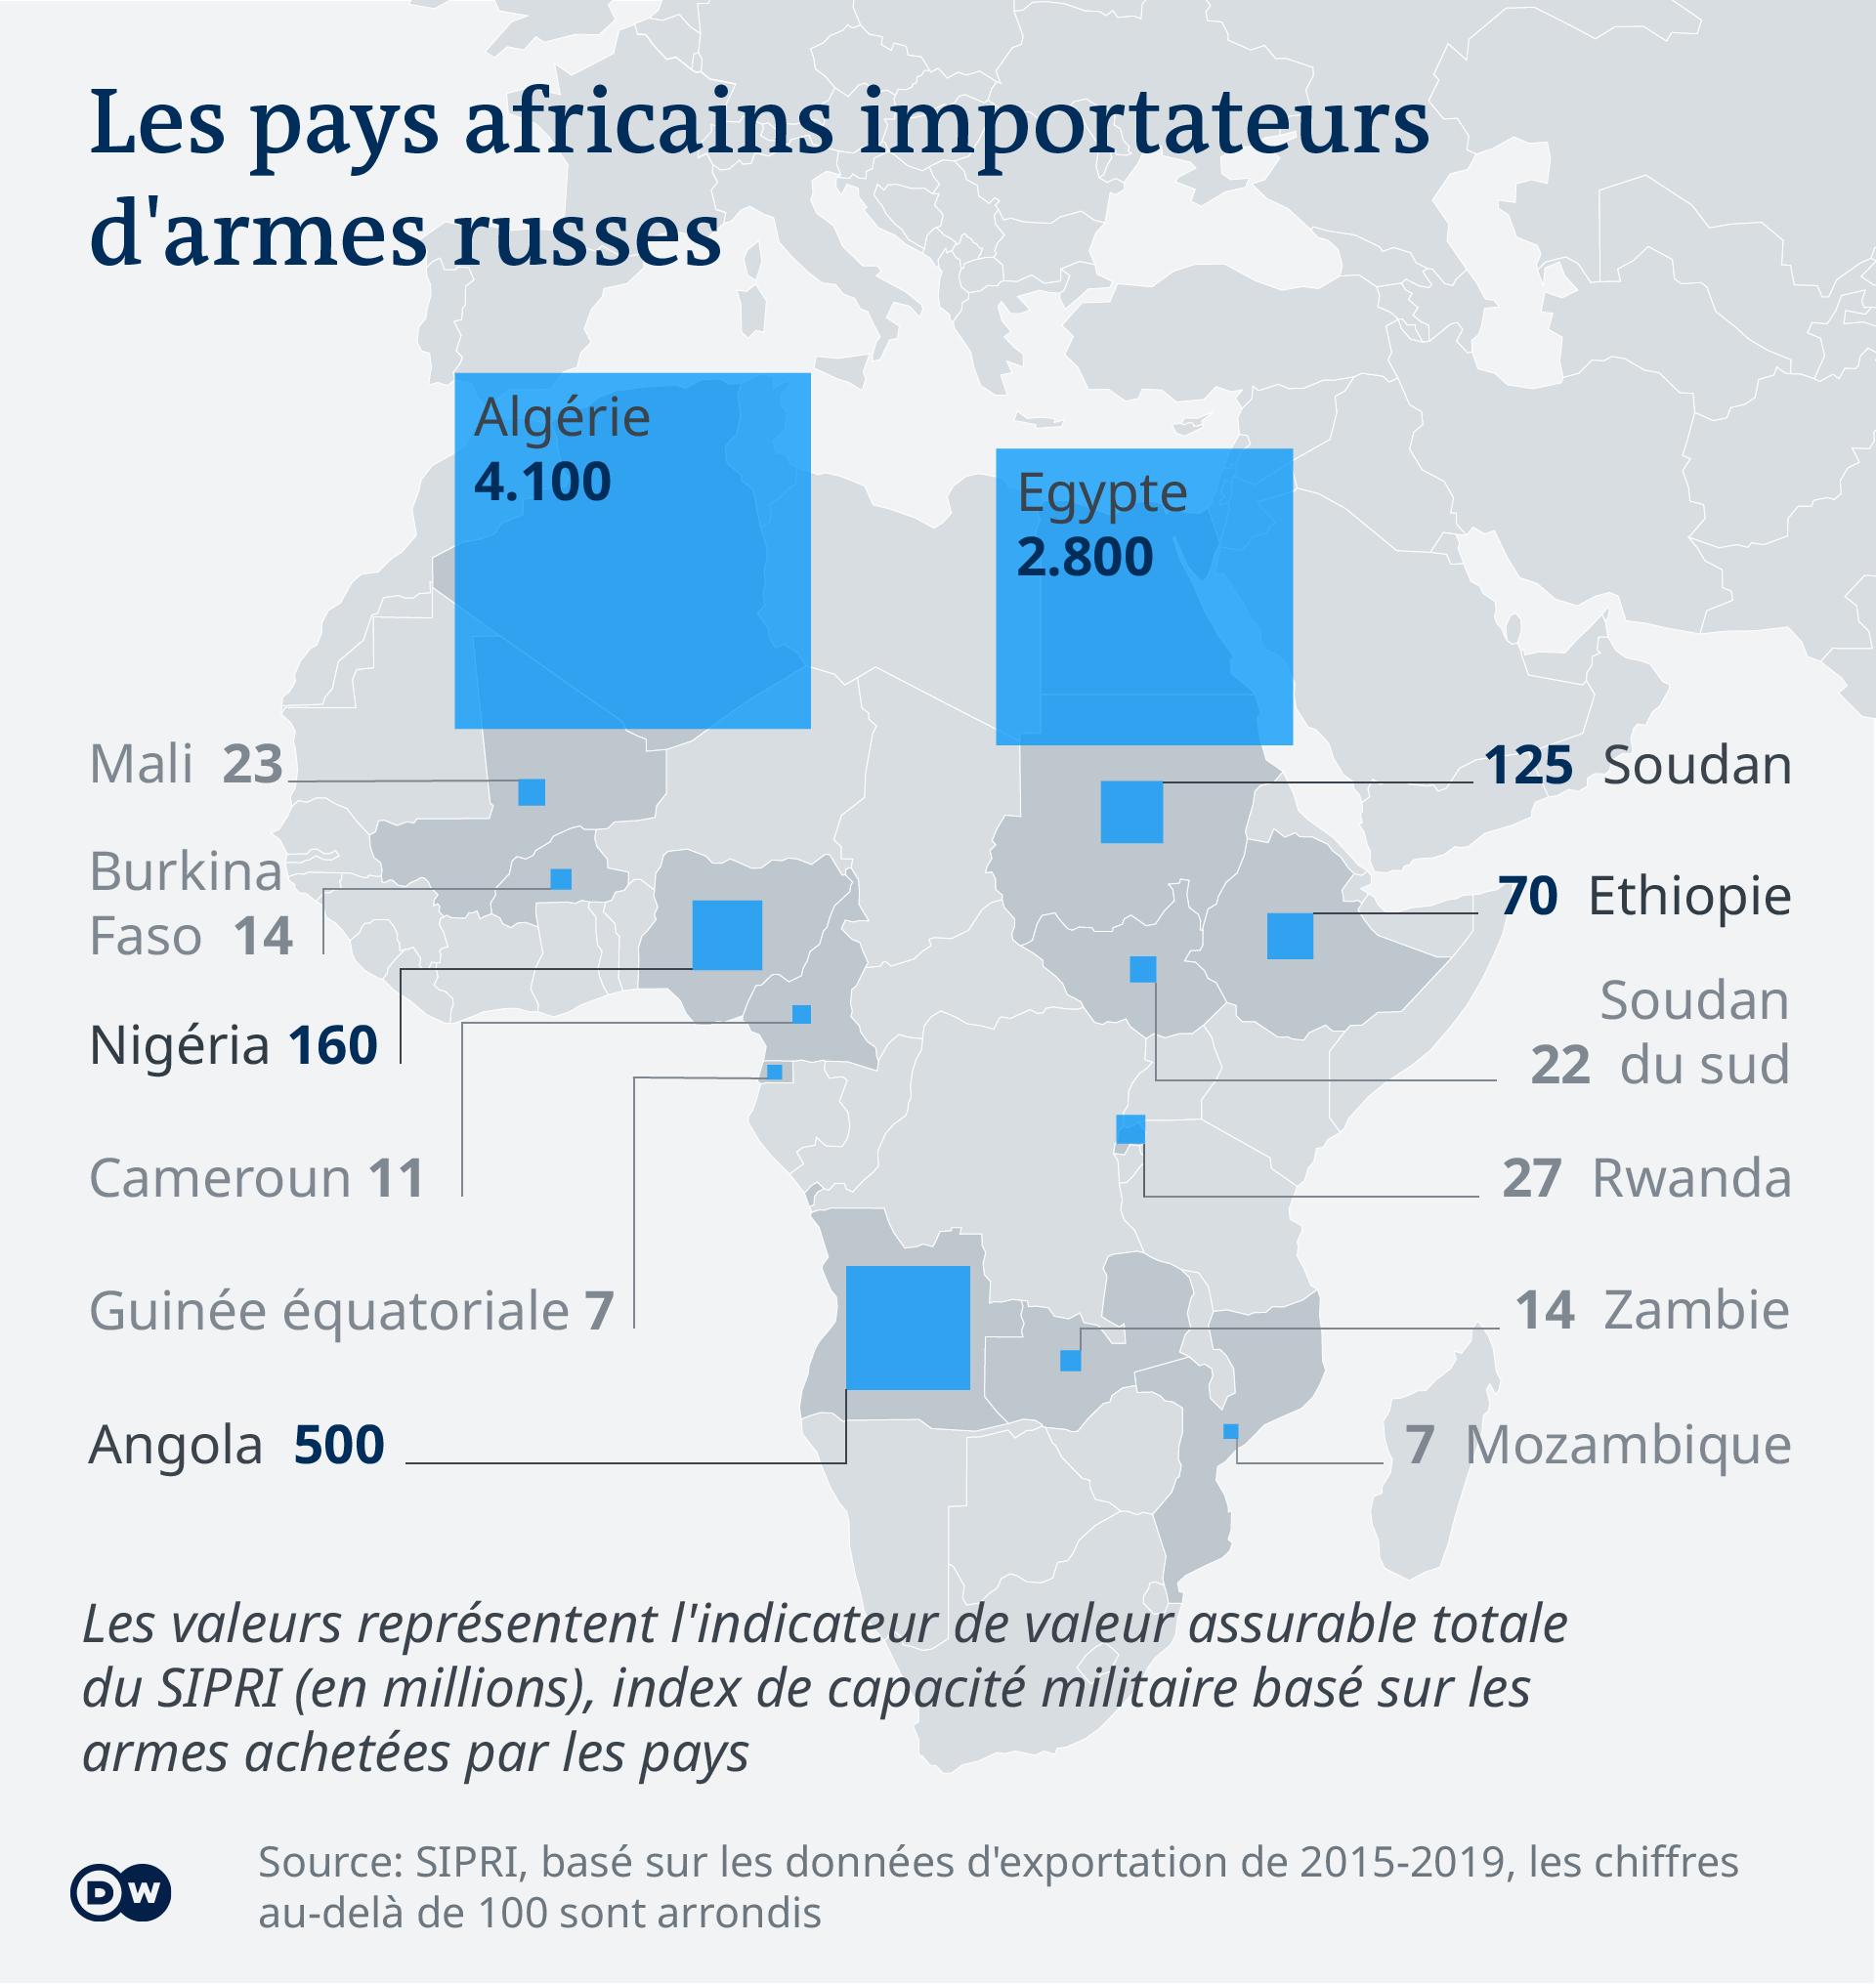 Les pays africains importateurs d'armes russes